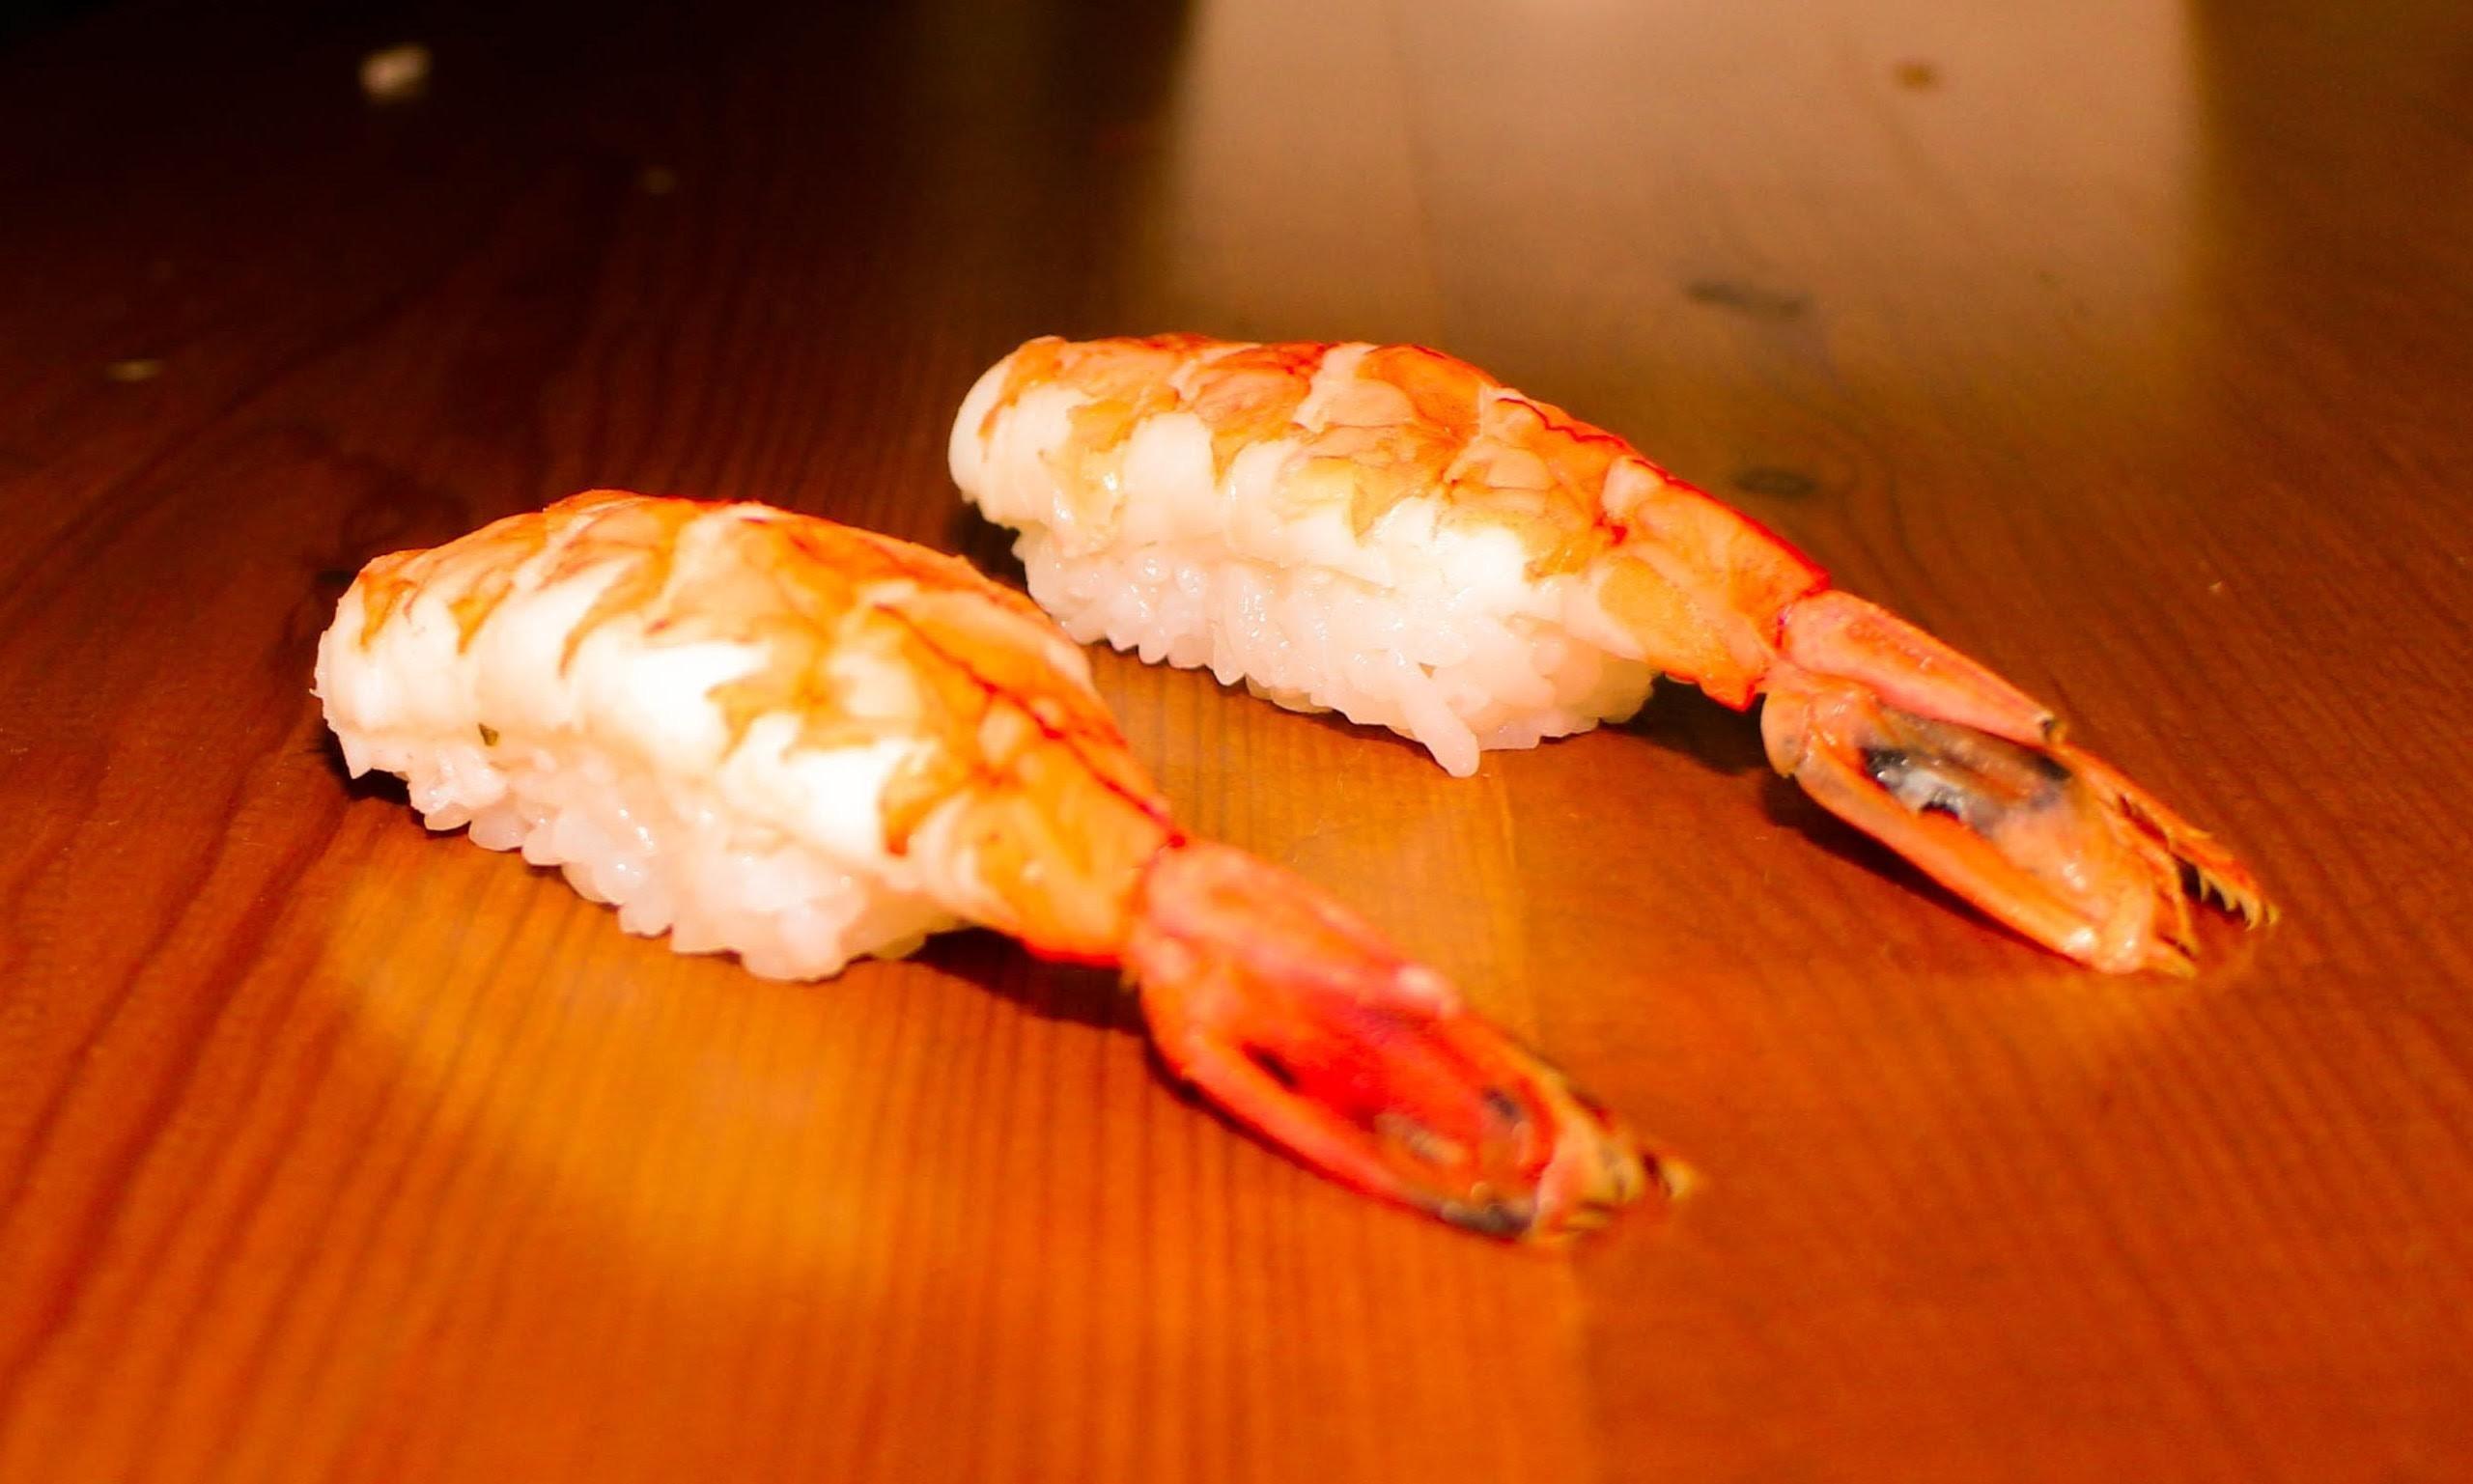 Shrimp Nigiri Sushi - How to Make Shrimp Nigiri Sushi